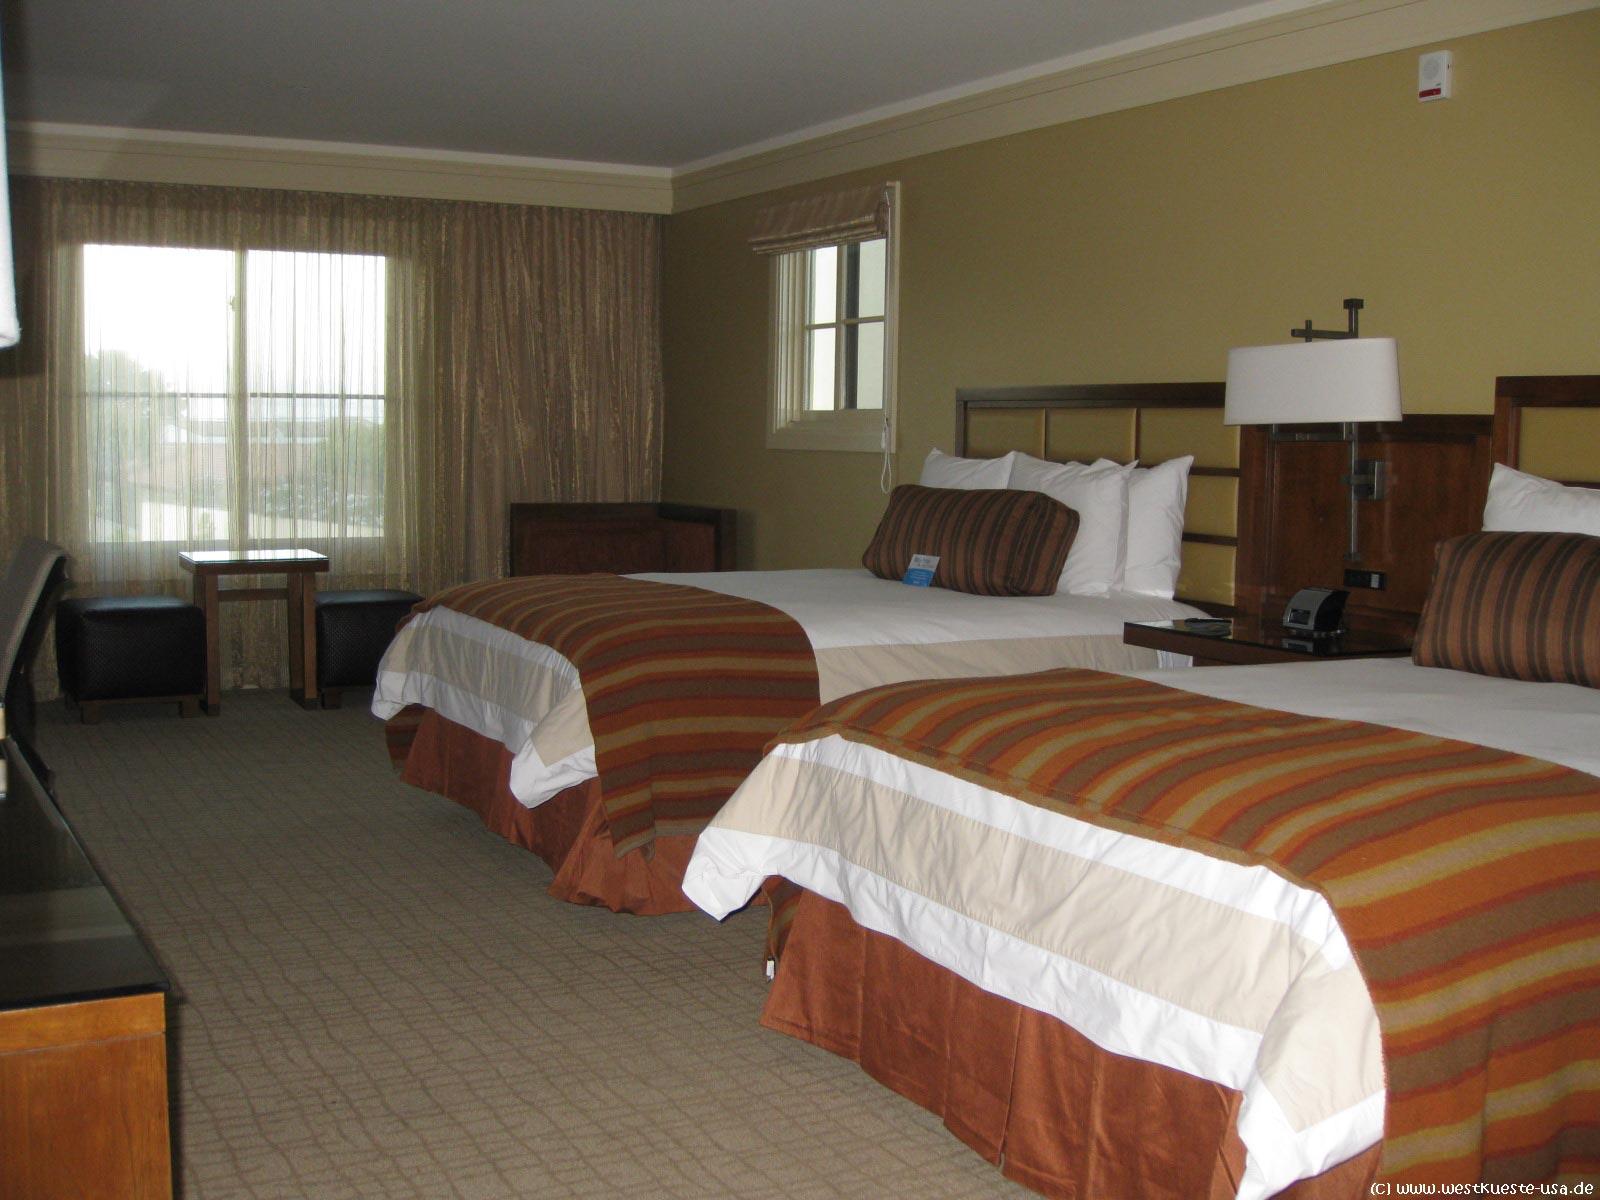 Hotel Abrego - Hotel in Monterey